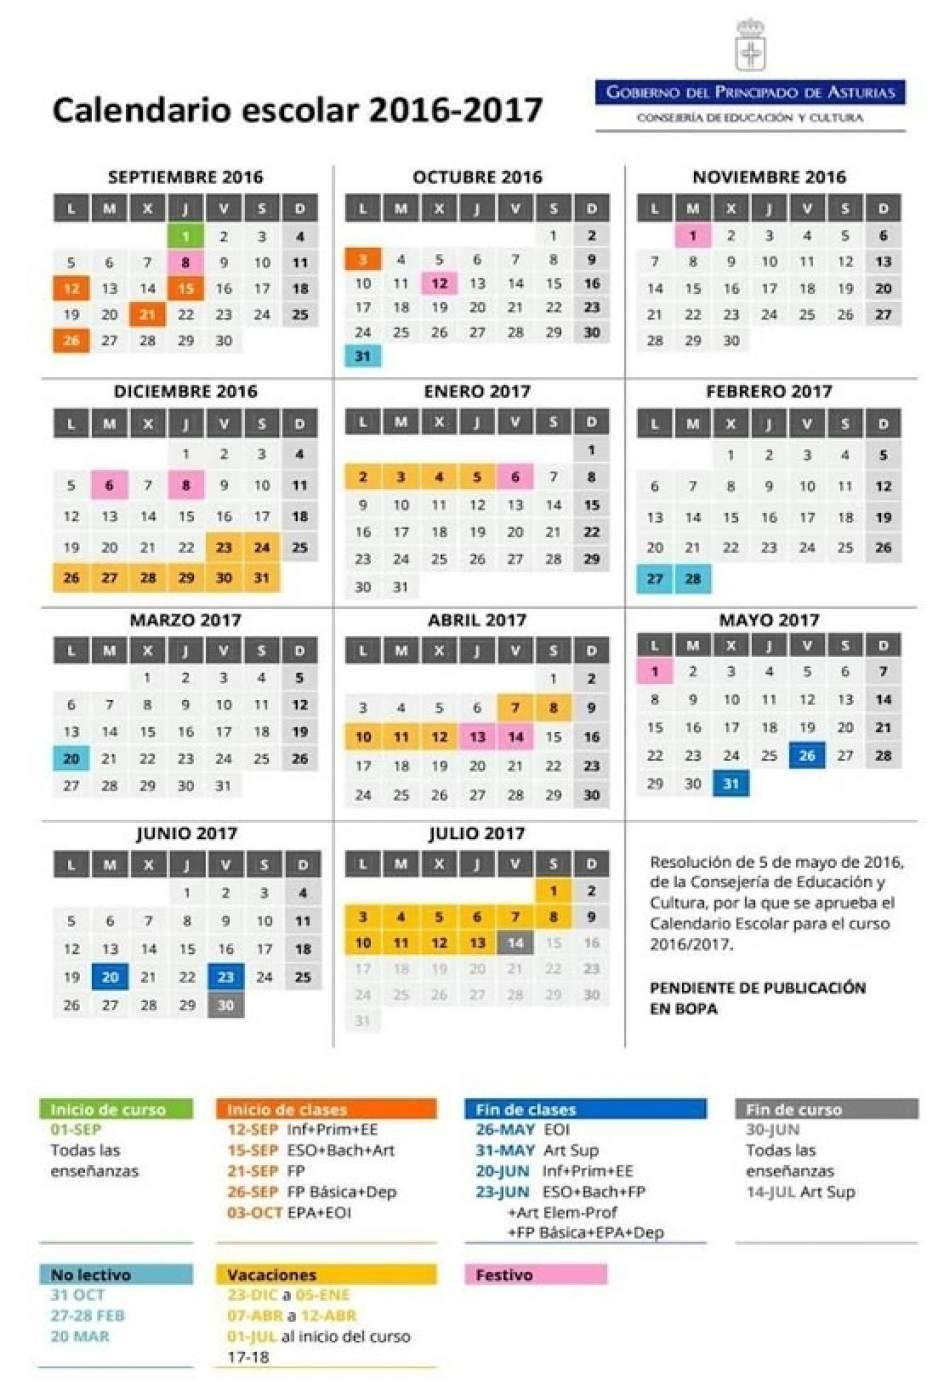 ... calendario escolar del curso 2016-2017 en el que se mantienen los tres